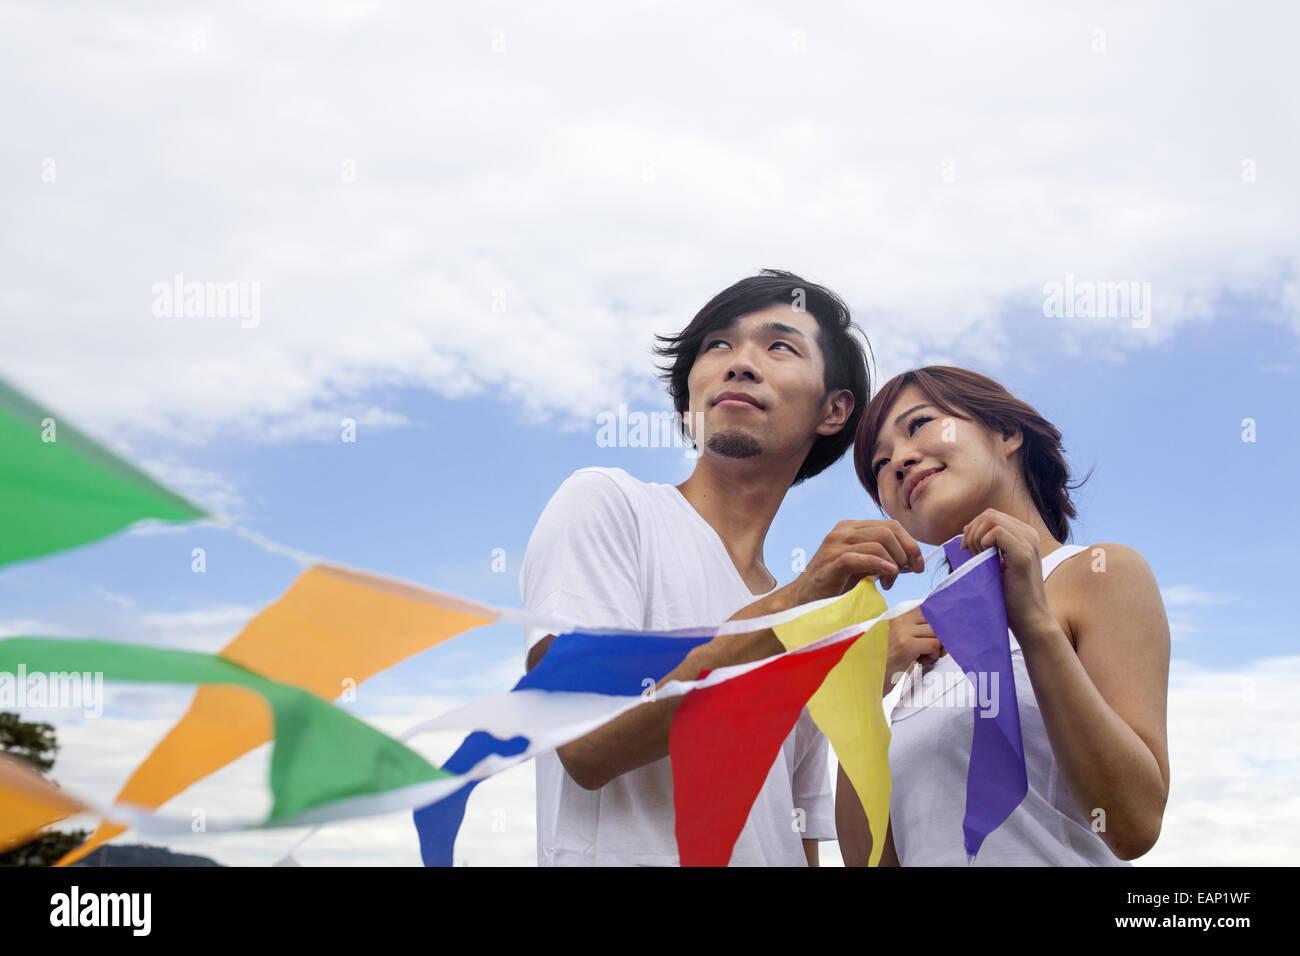 Una coppia di uomo e donna in un parco di Kyoto tenendo su una riga colorata di bandiere. Immagini Stock